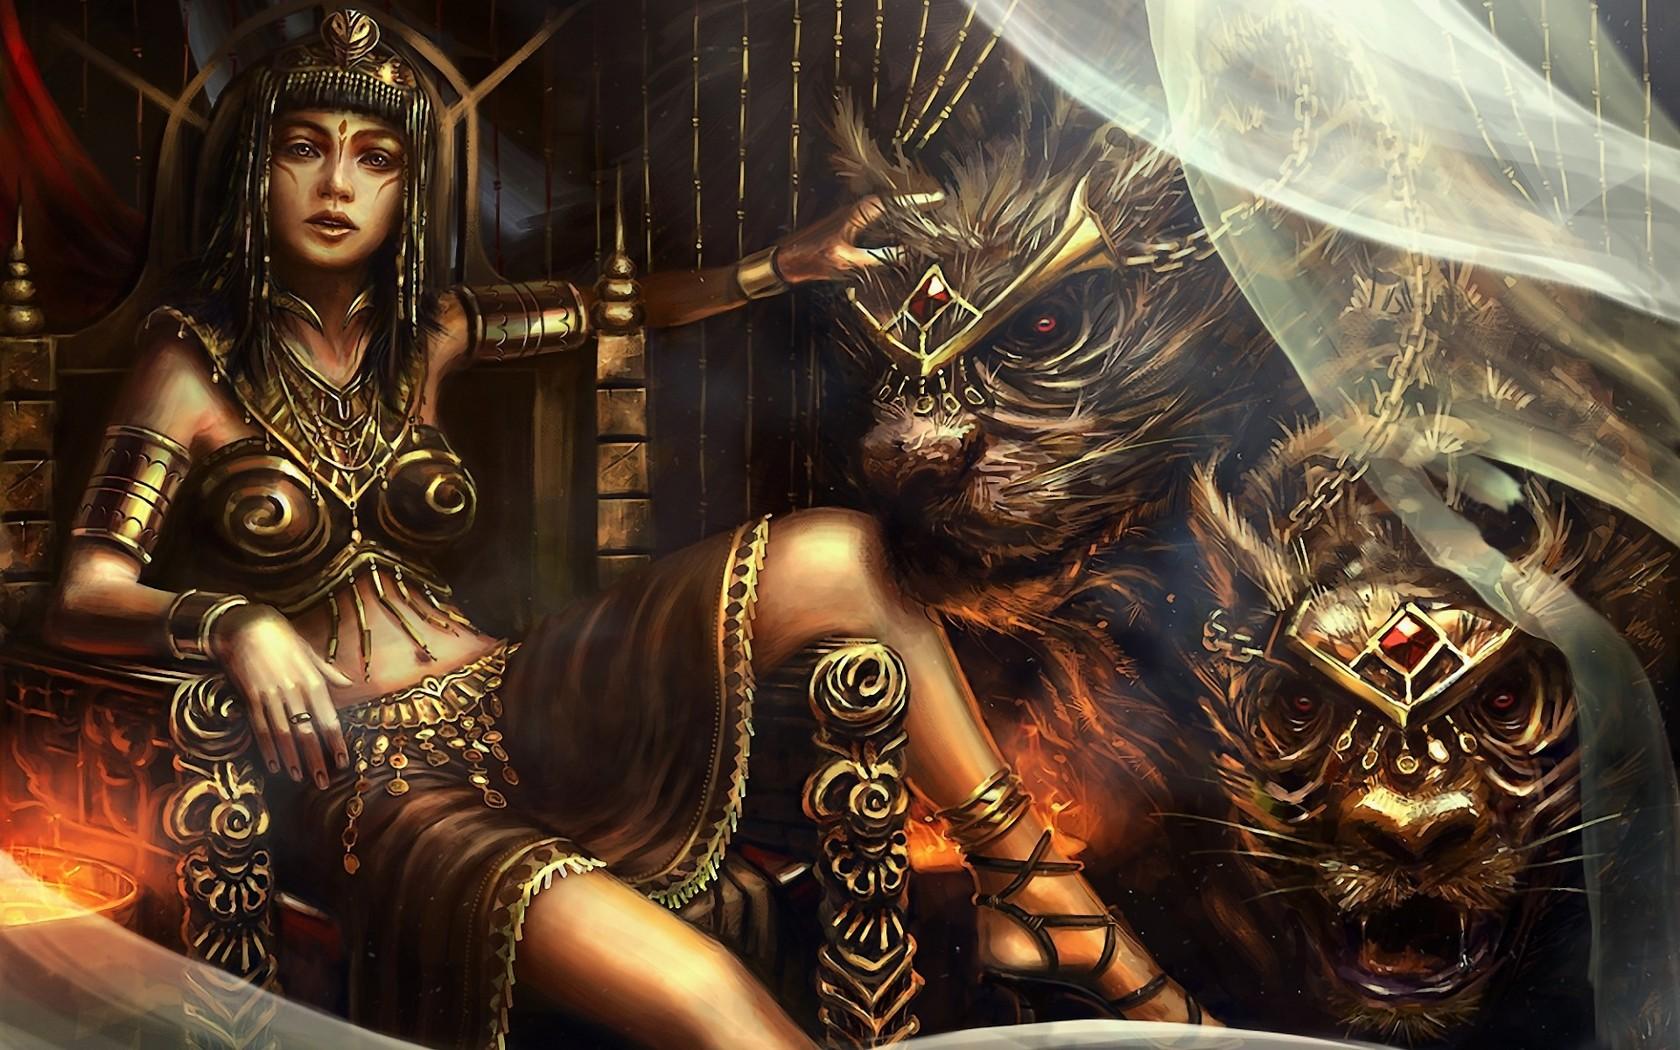 queen egyptian art wallpaper - photo #3